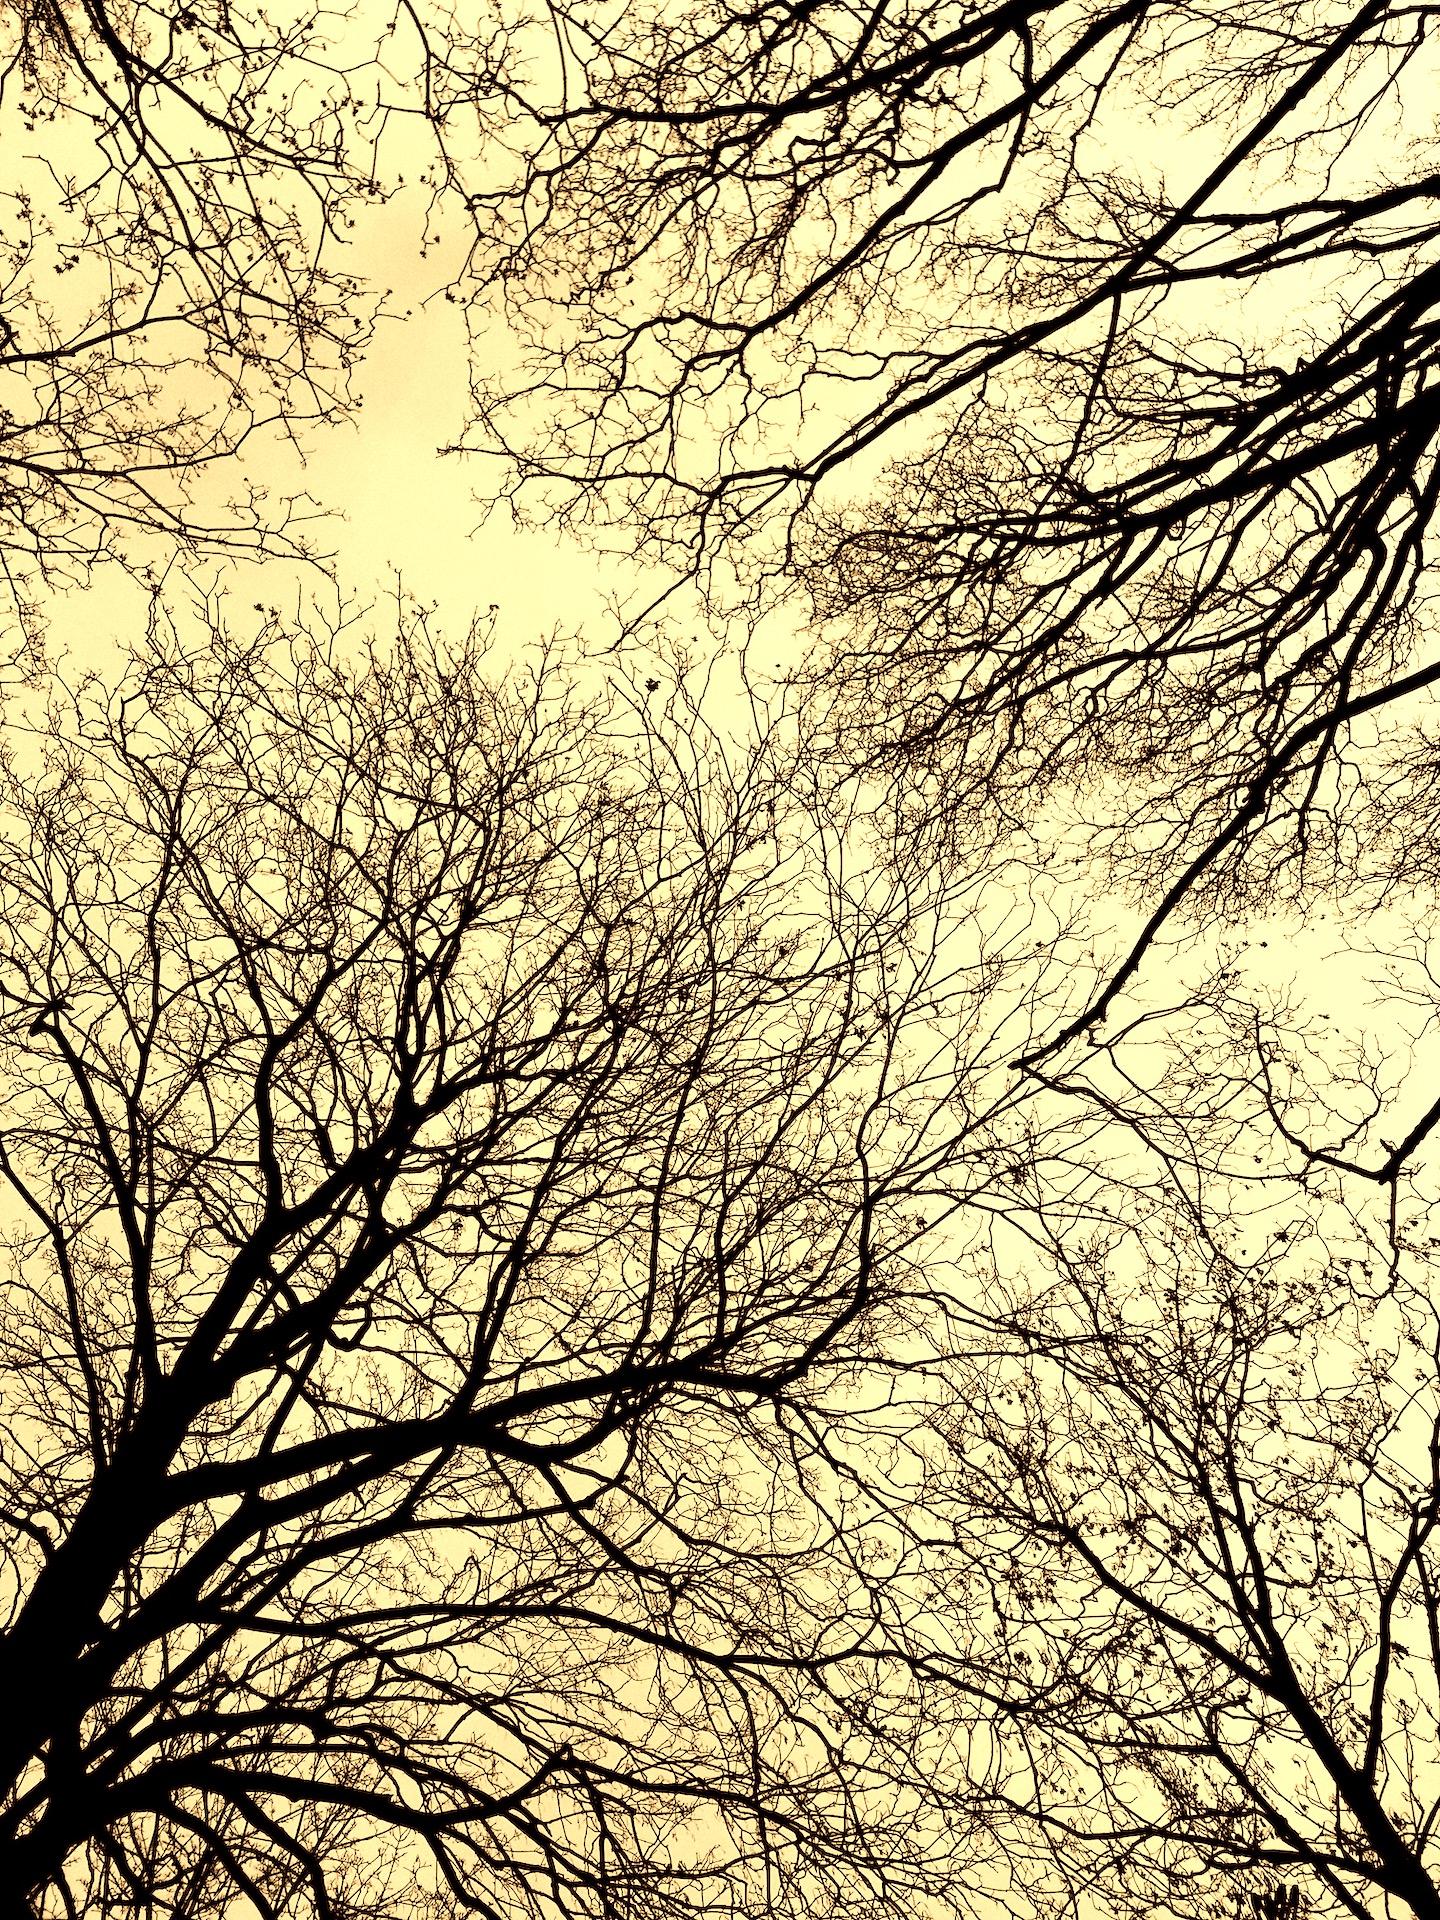 دلم میخواست این درختها بالای سرم باشند در بهشت زهرا. ولی نبودند. اینها درختهای گورستان مونمارتند؛ مونمارتِ پاریس.